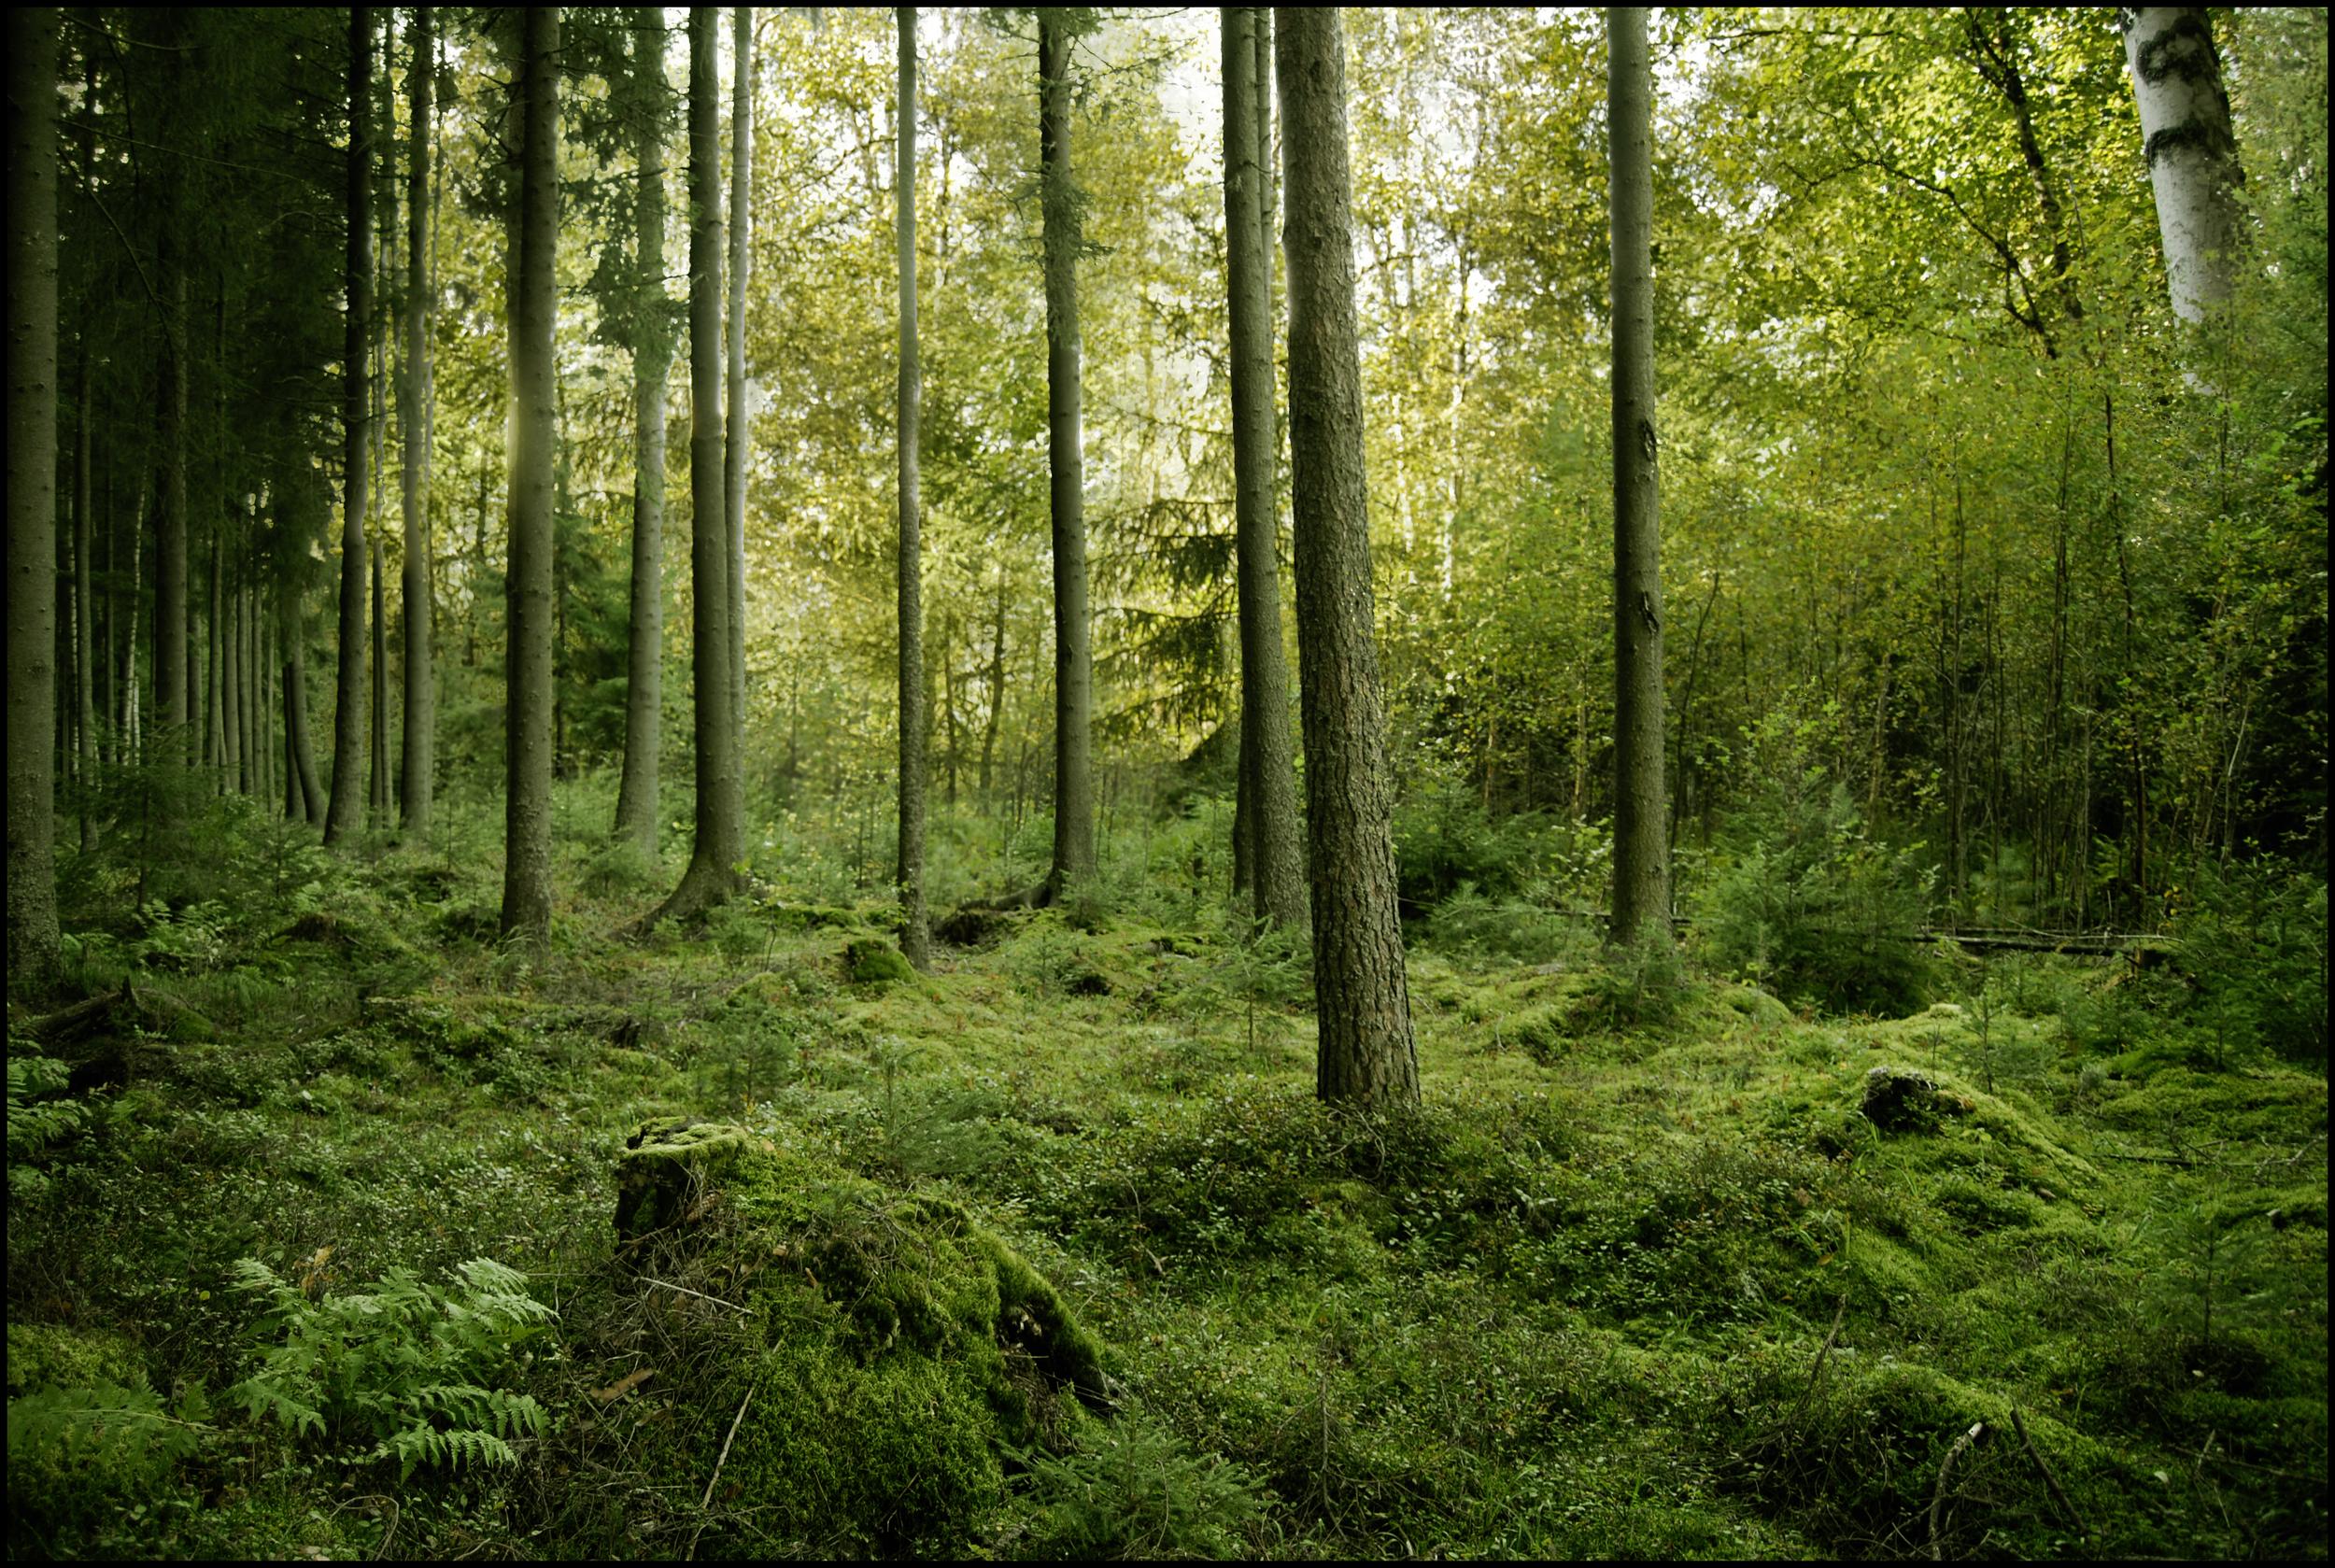 BG_Green_Woods_by_Eirian_stock.jpg